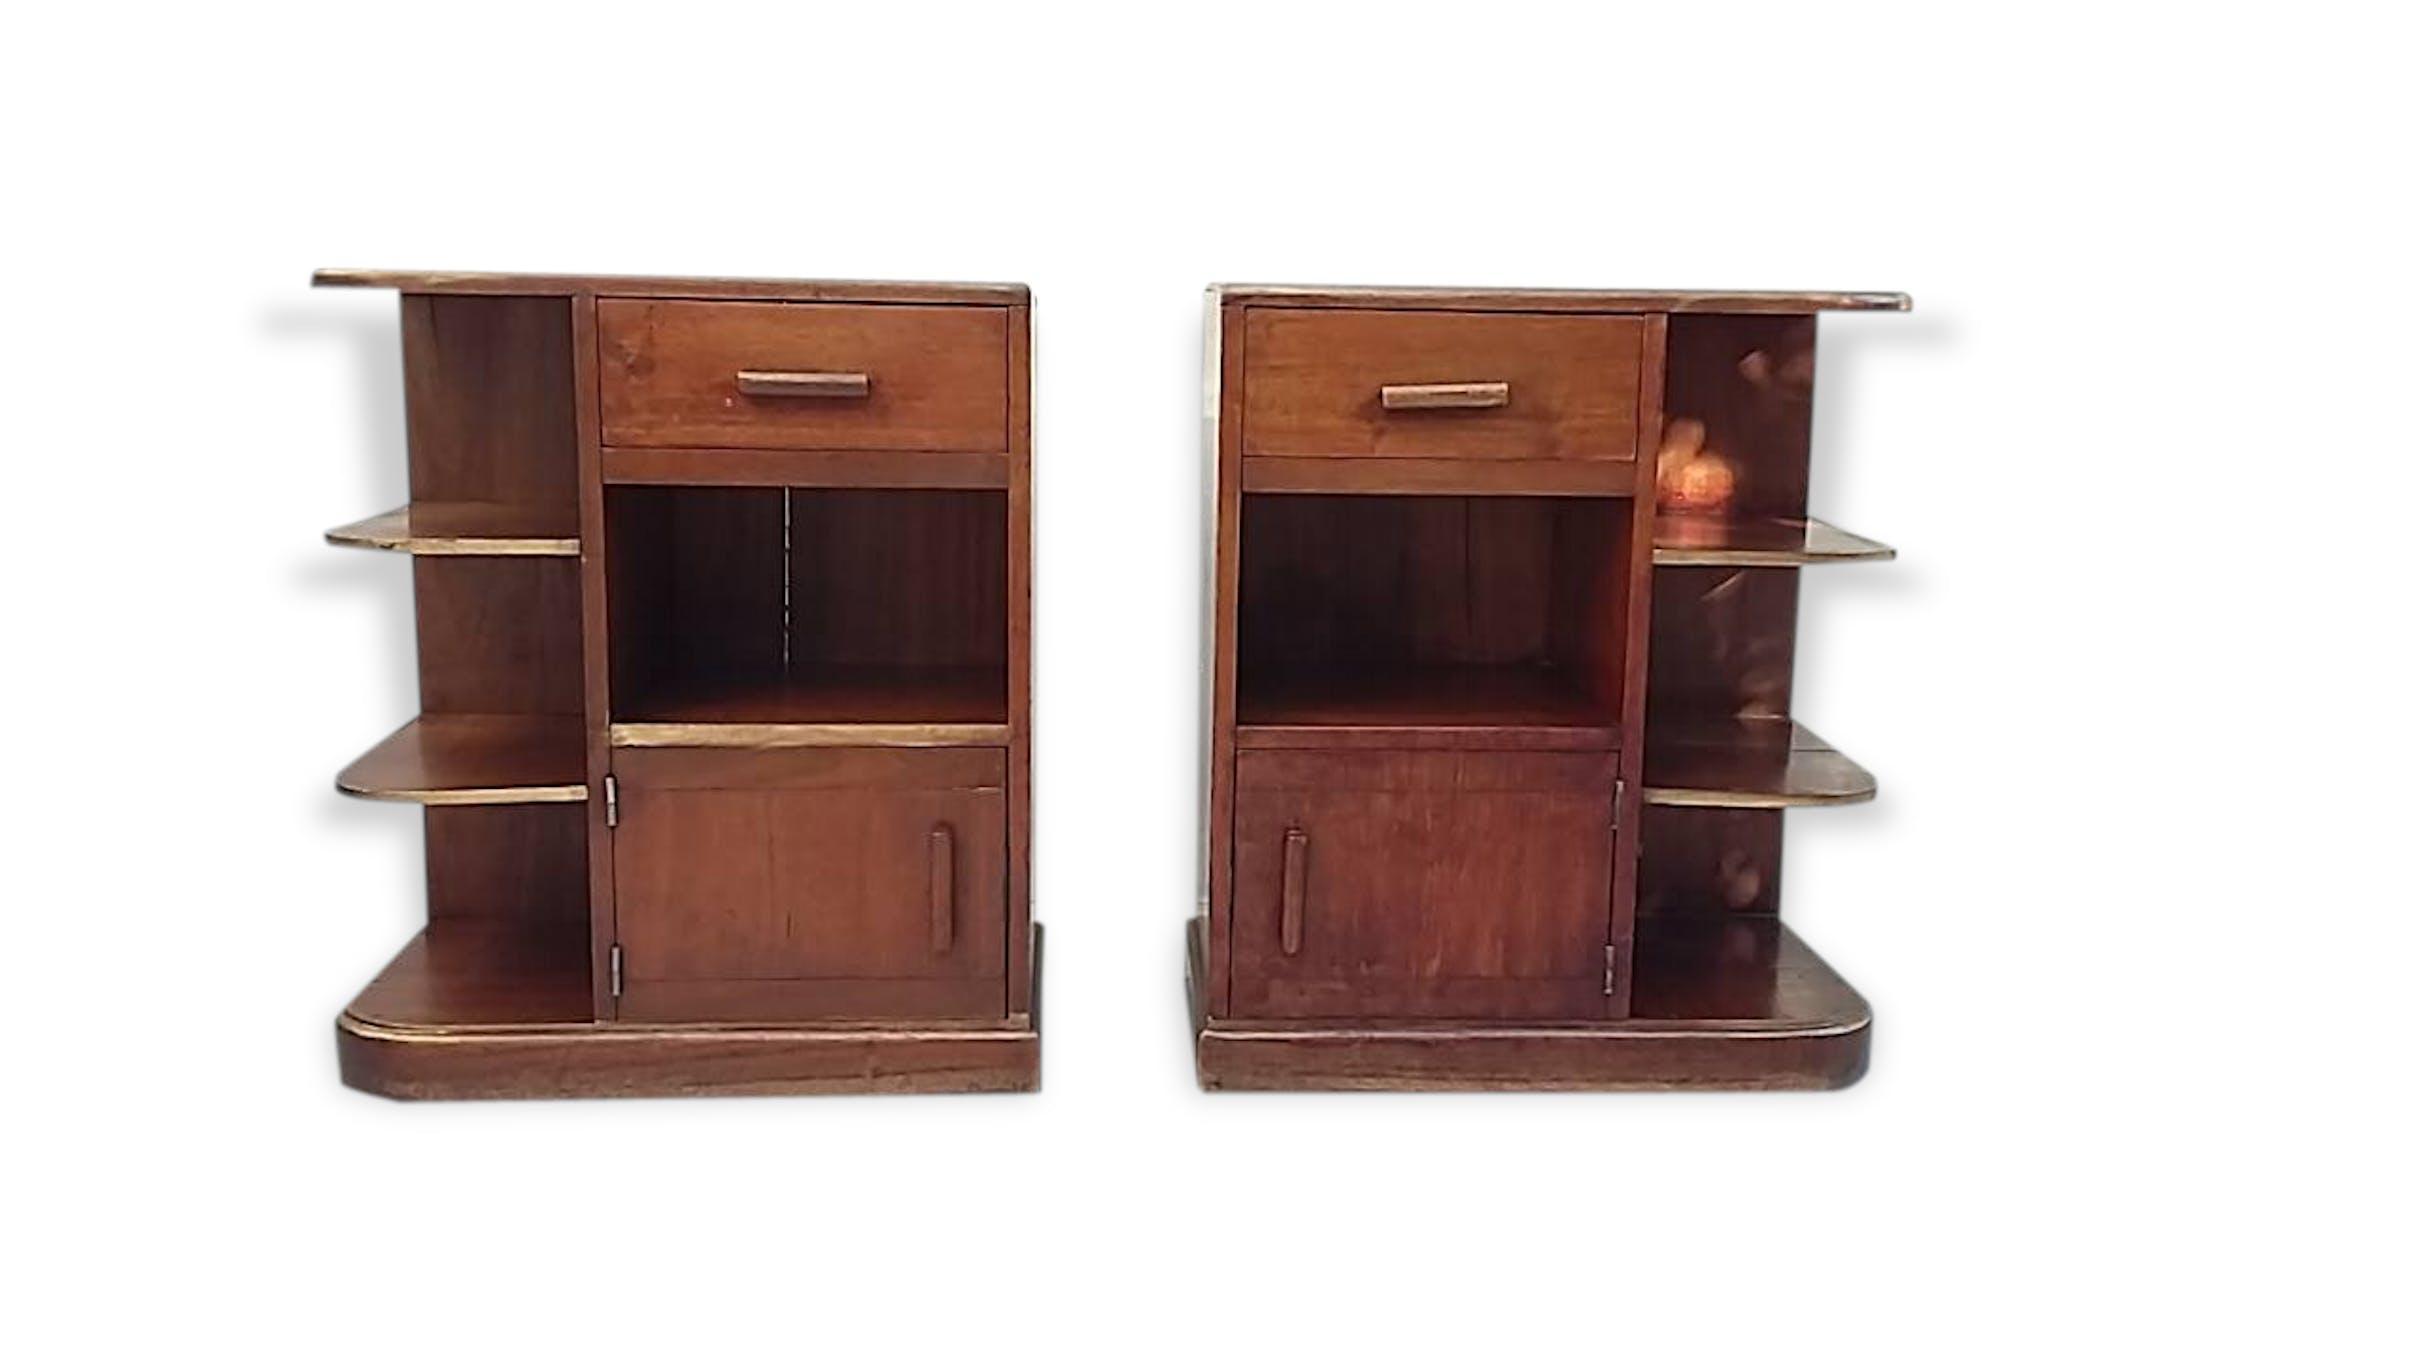 lot de 2 meubles auxiliaires art déco (année 30/40) - bois (matériau